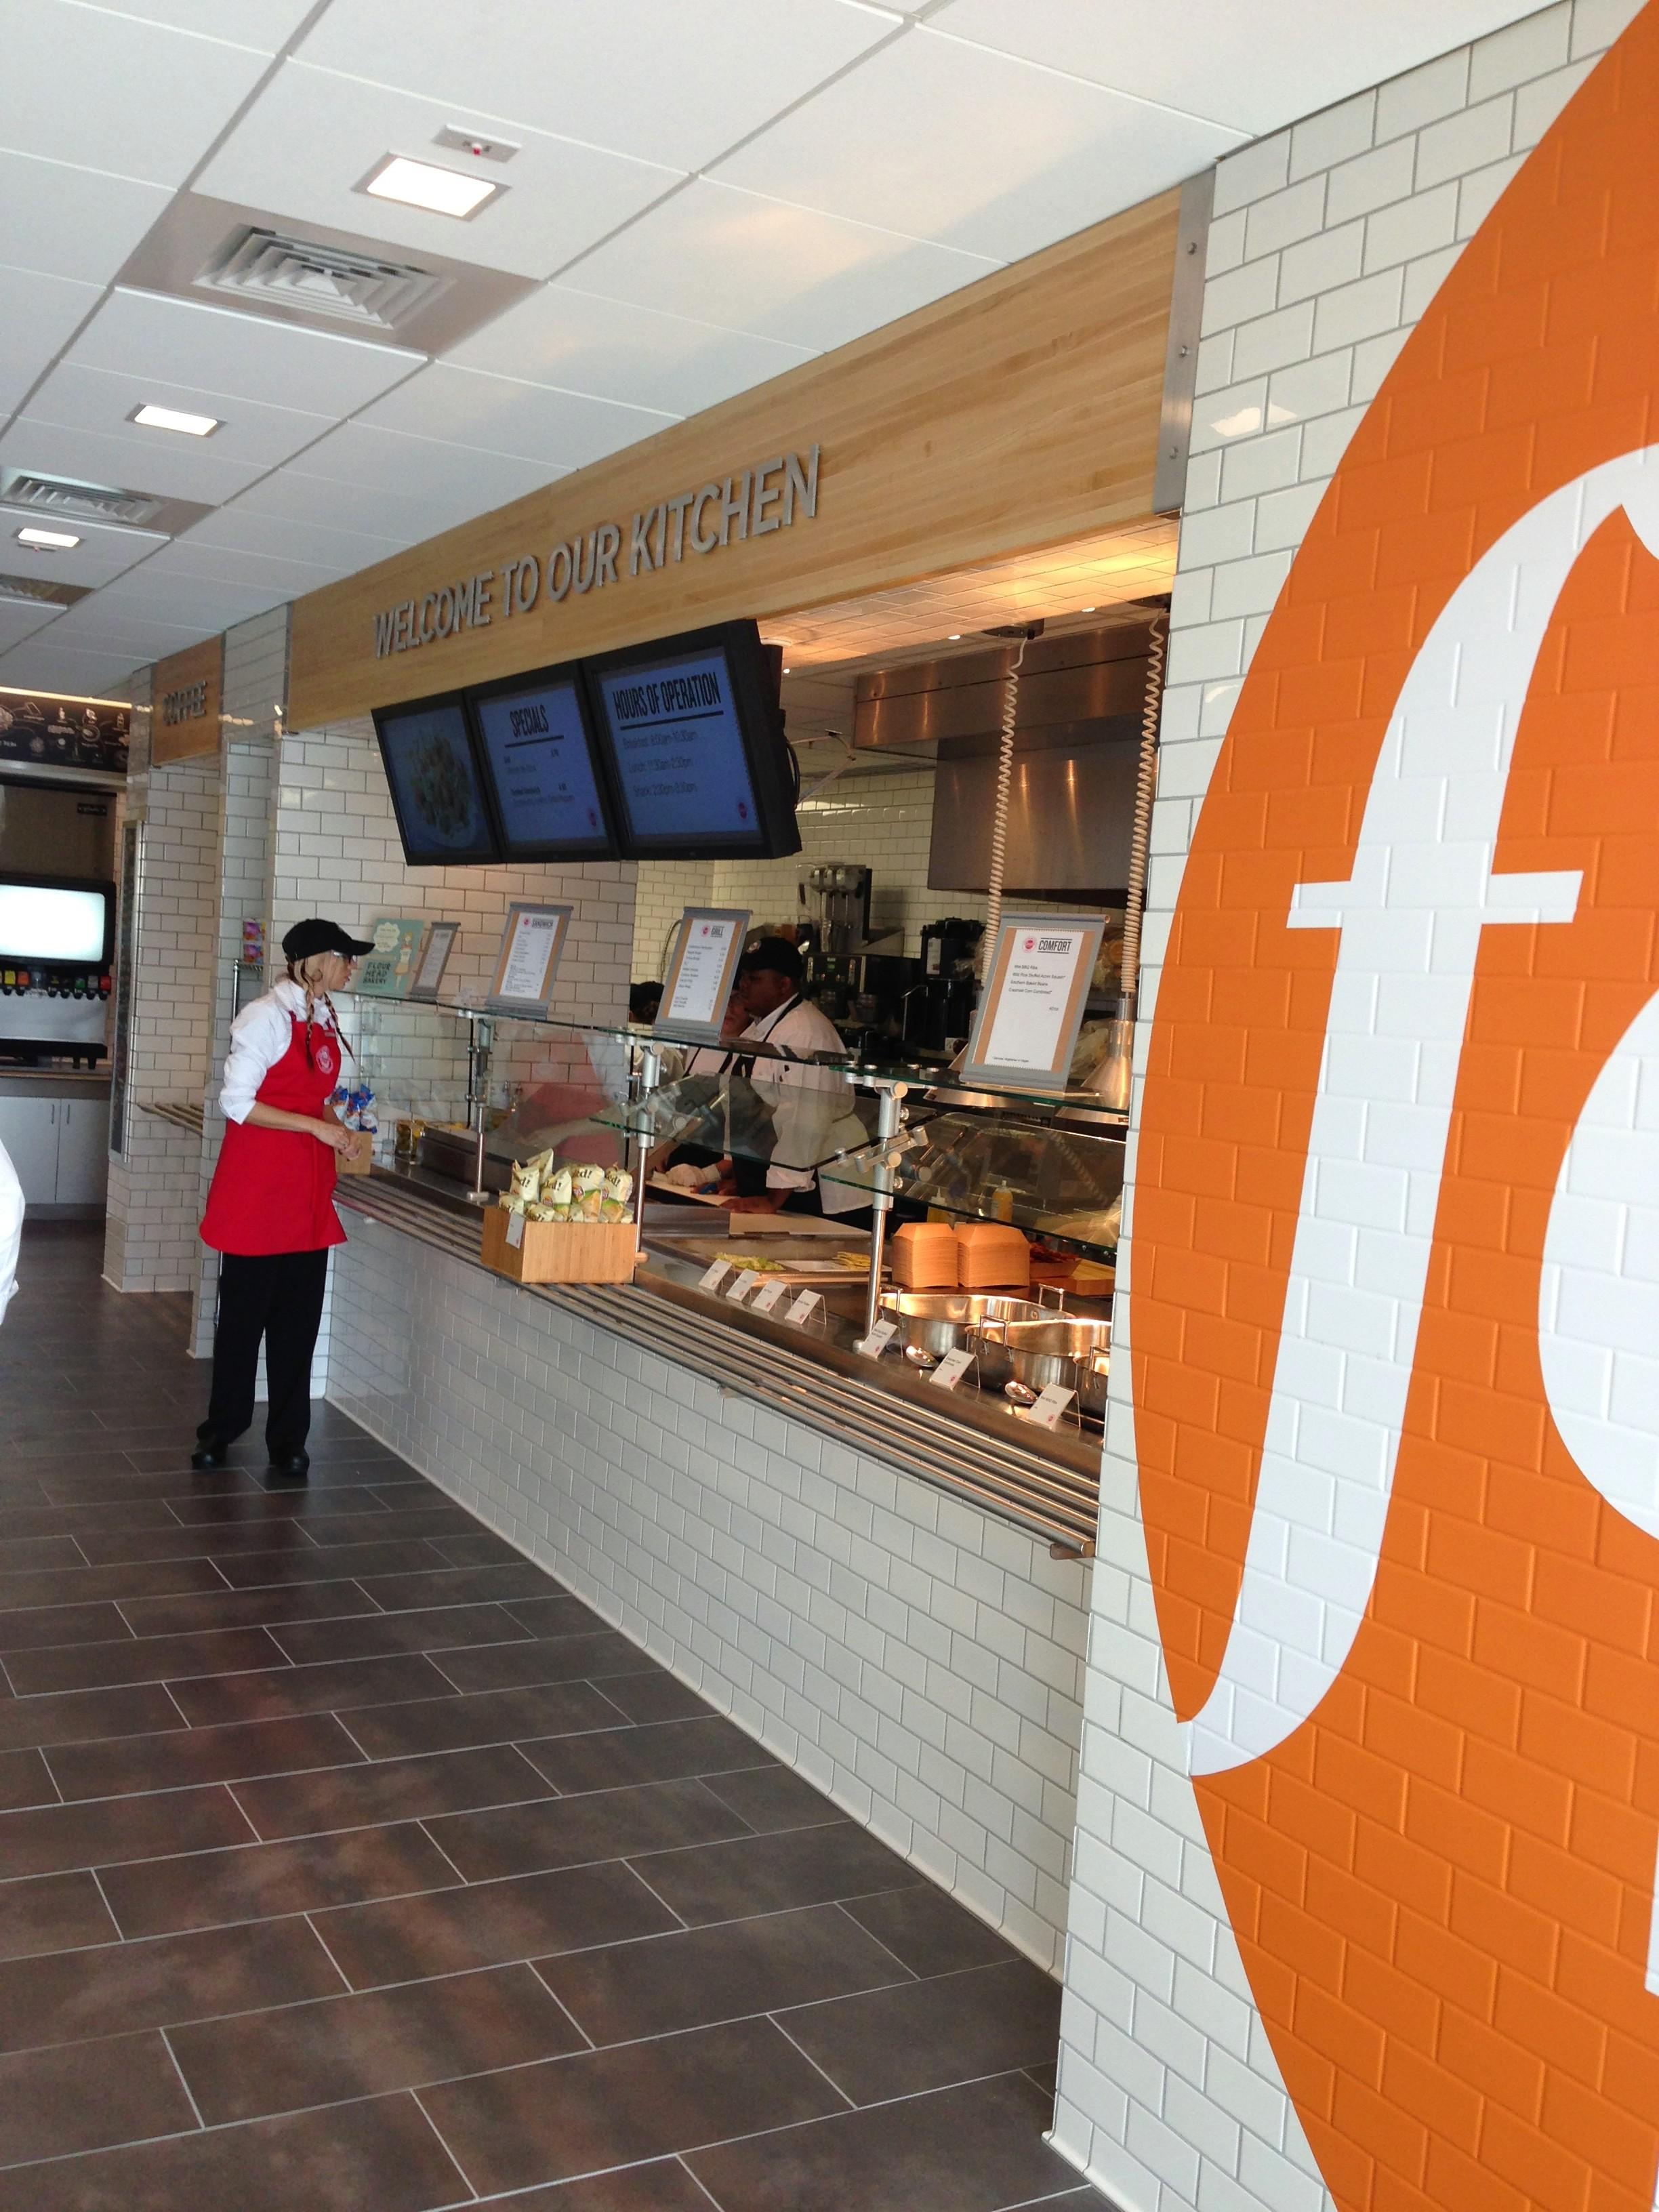 Food Network Kitchen (7).JPG